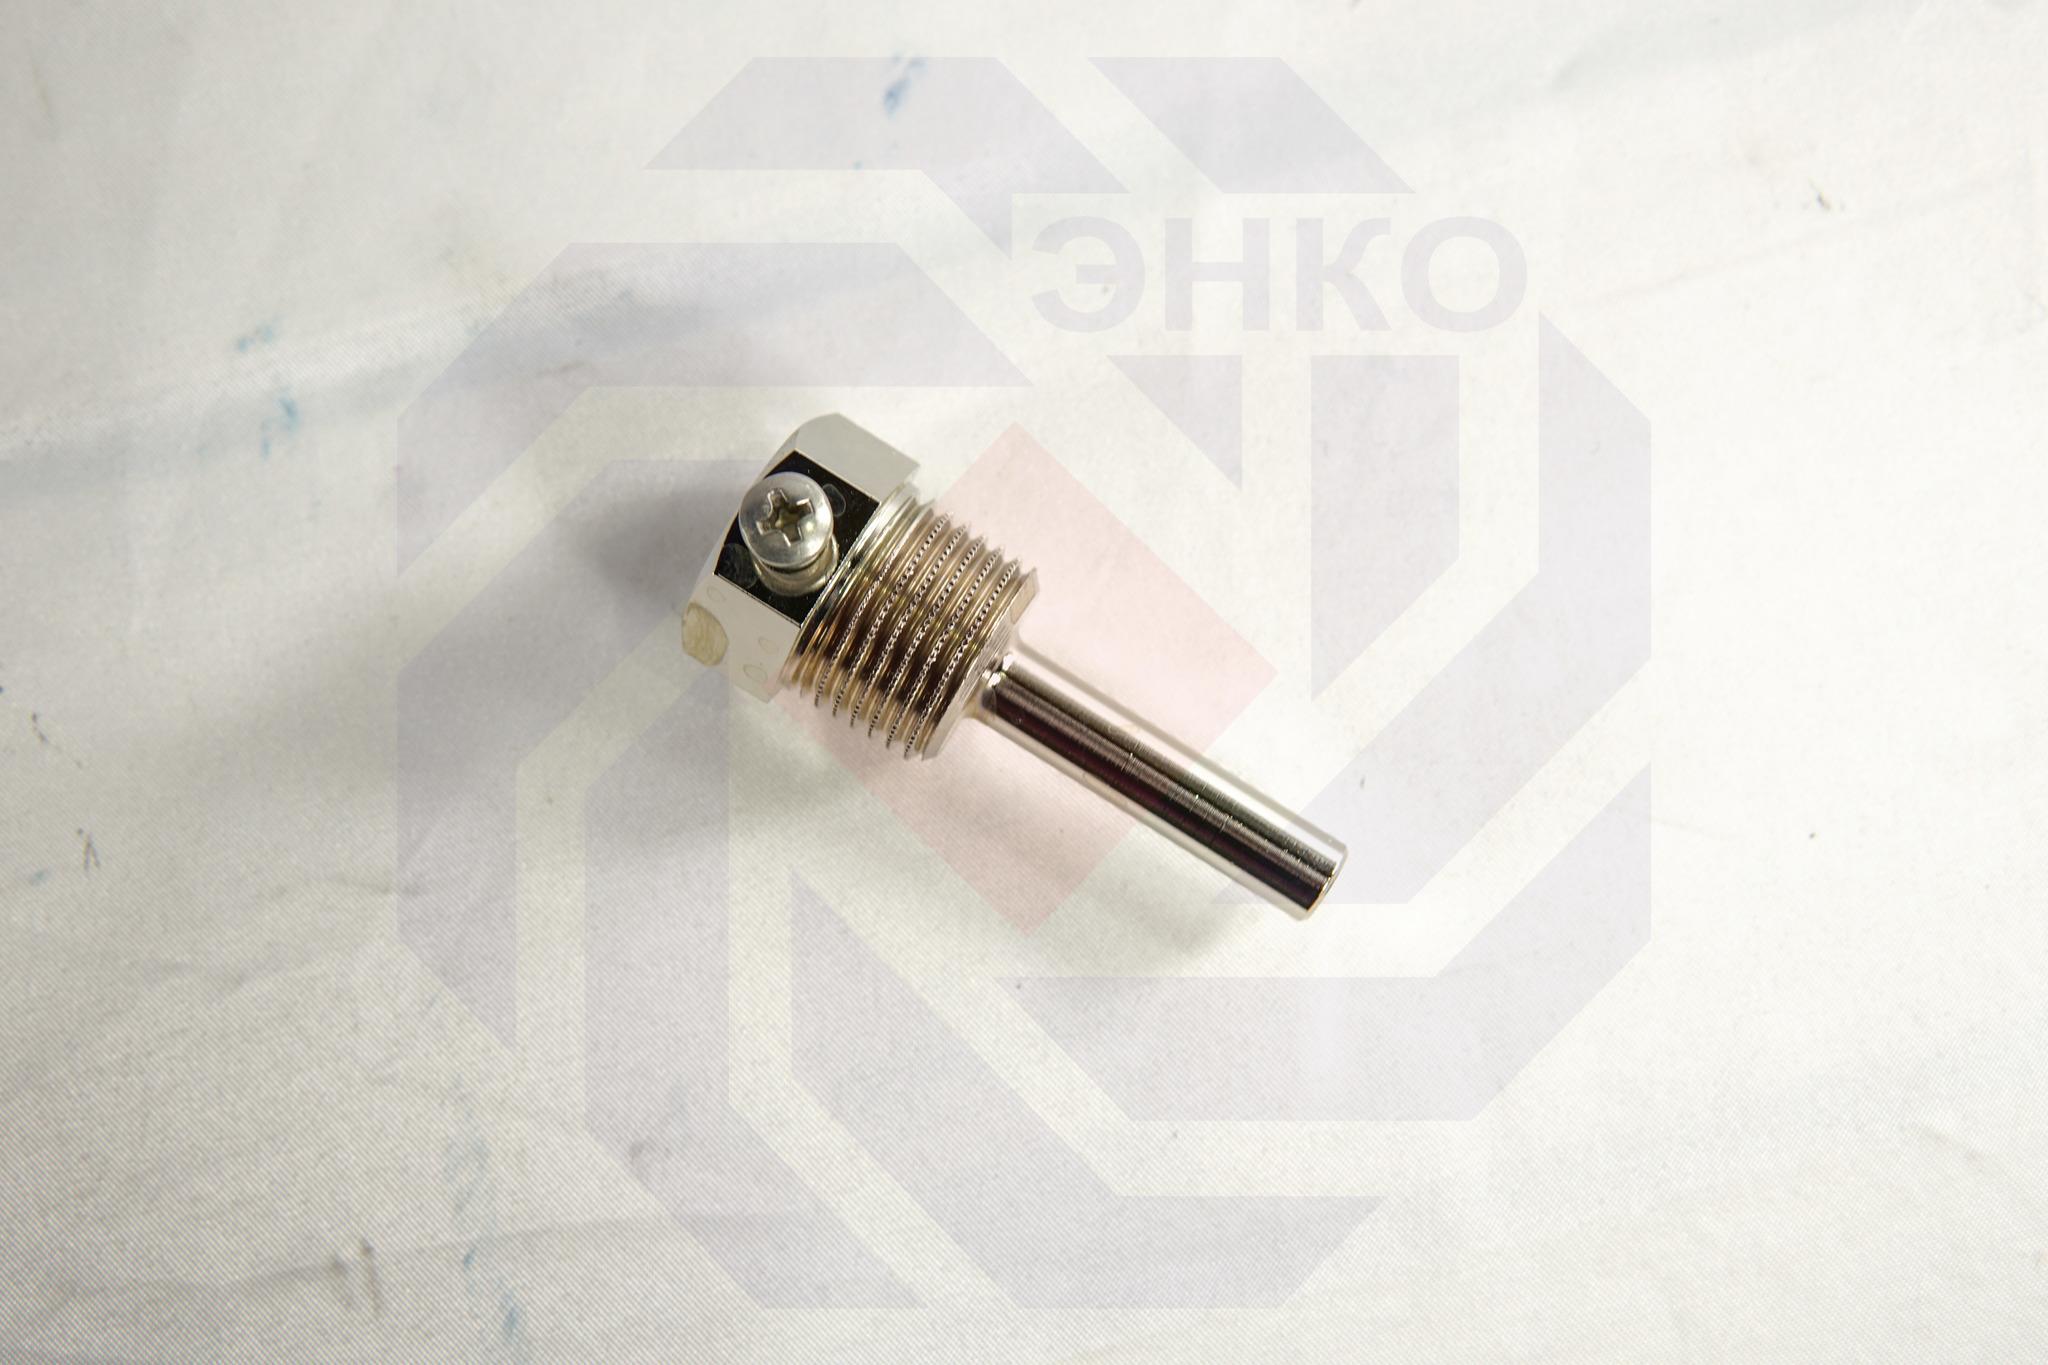 Гильза для погружного датчика темературы S+S Regeltechnik TH08-ms 50 мм